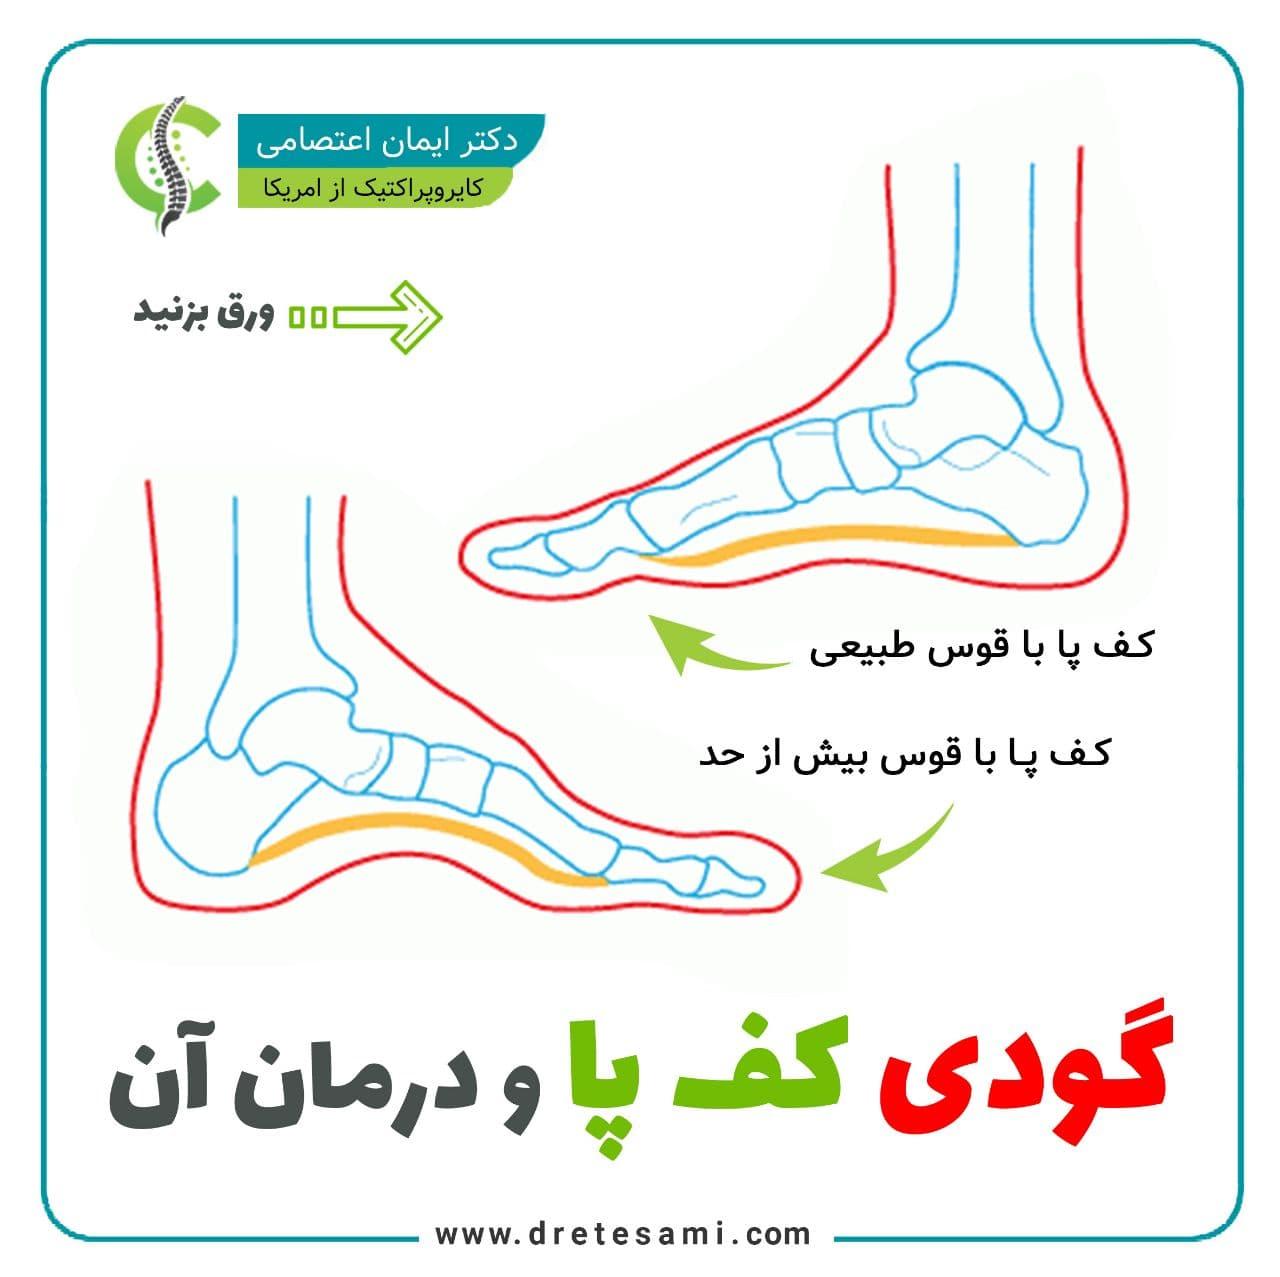 گودی کف پا و درمان آن